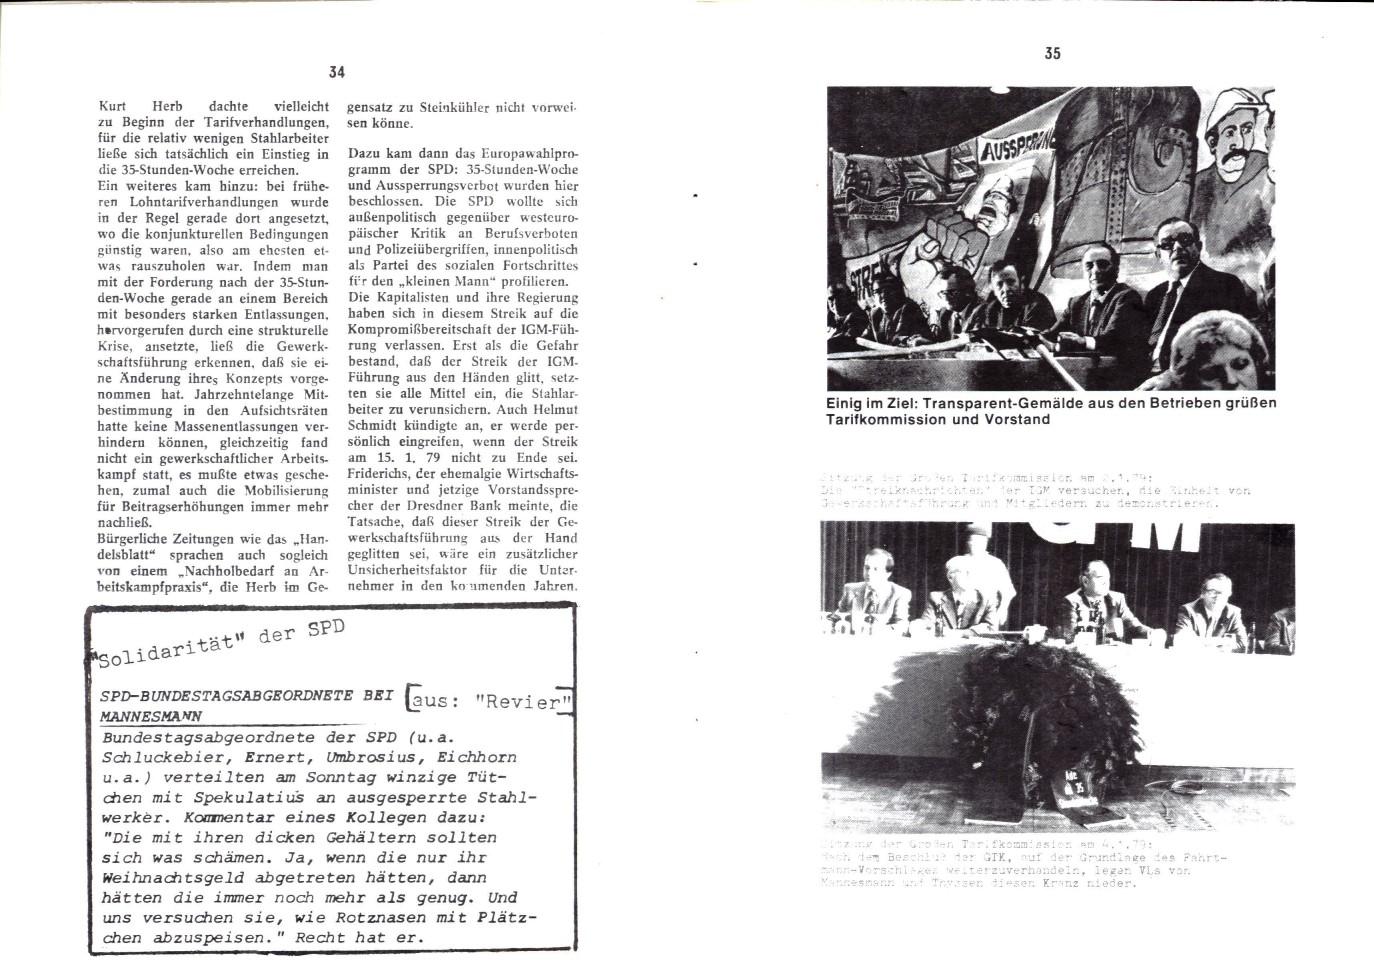 KPDAO_1979_Streik_in_der_Stahlindustrie_19